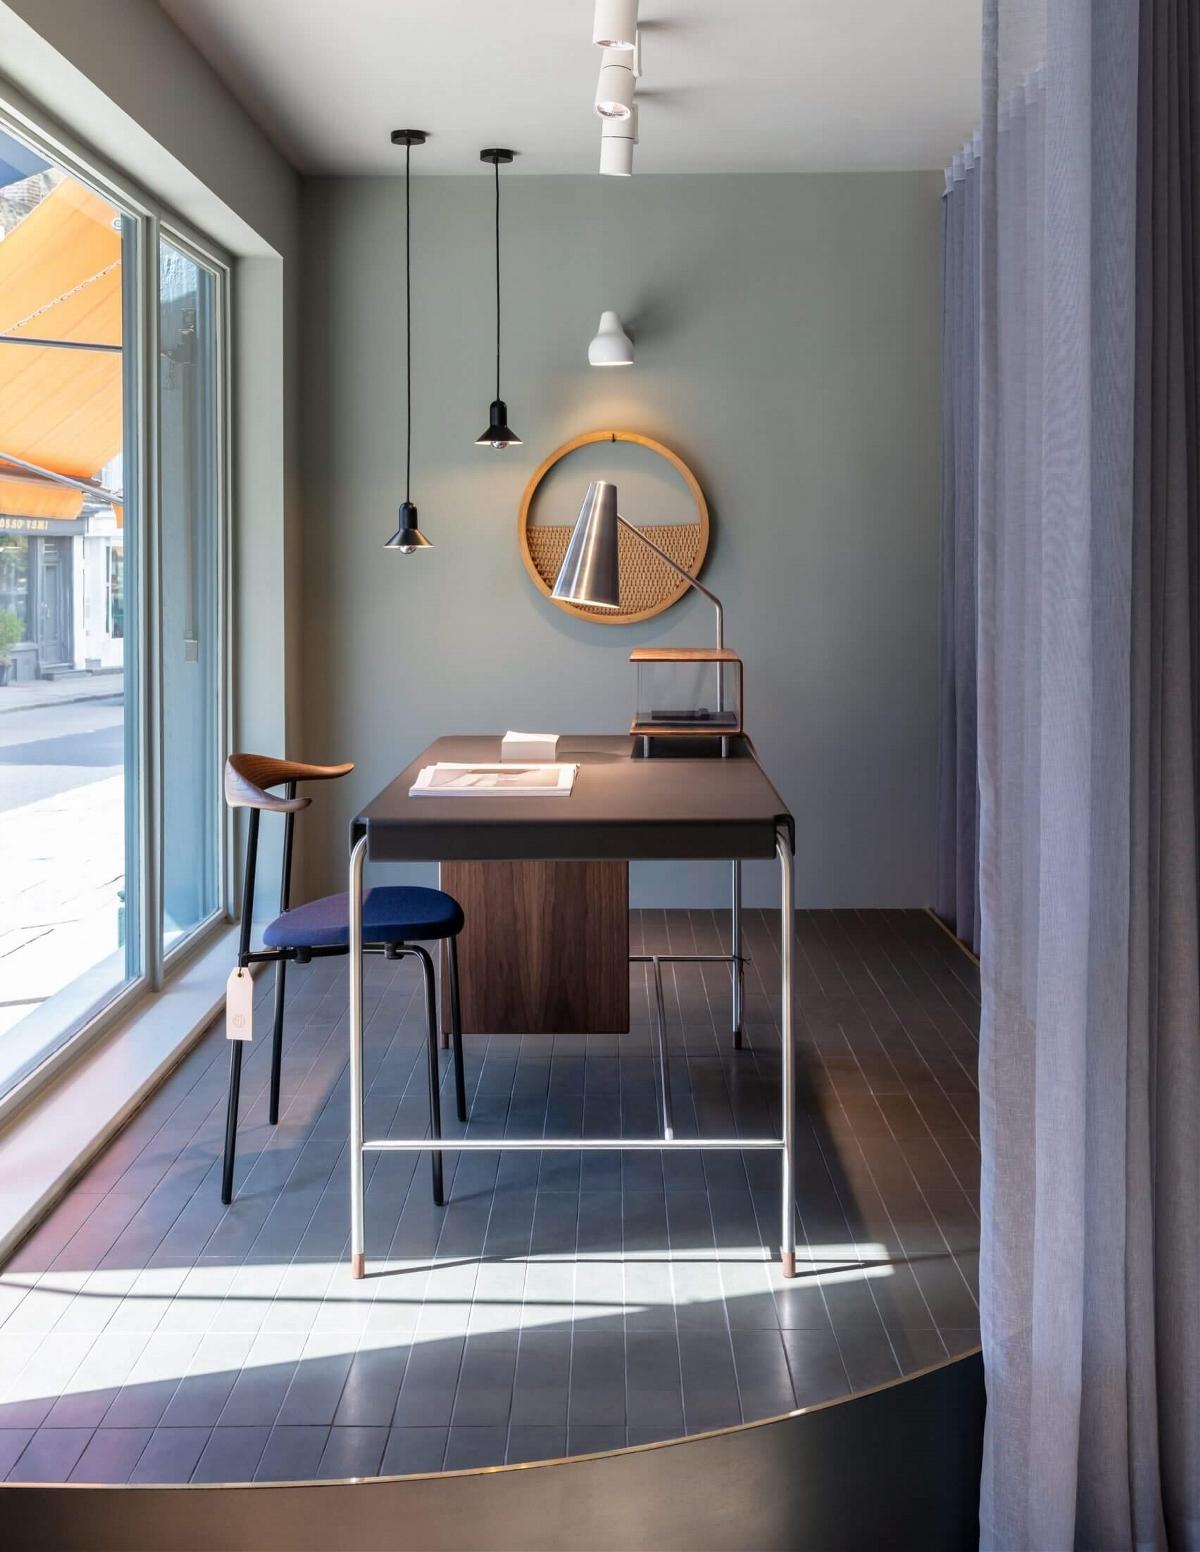 丹麦家具品牌CARL HANSEN&SON伦敦展厅设计